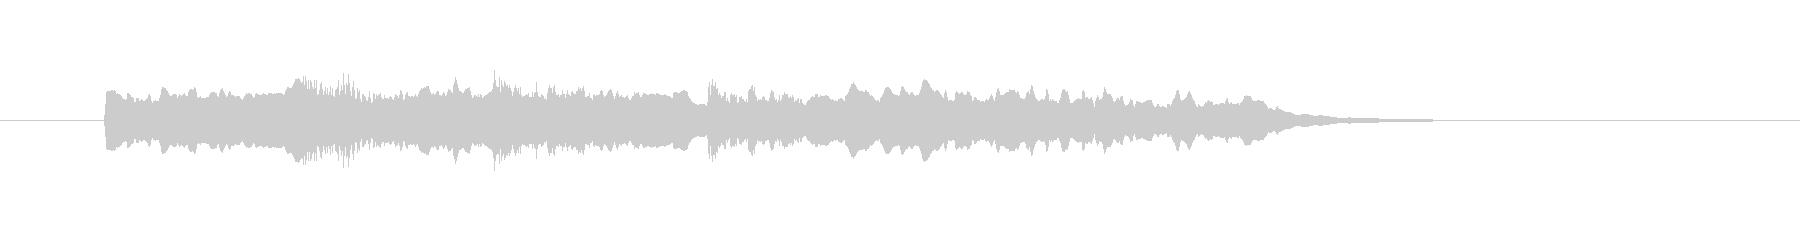 ピンポンパンポーンの未再生の波形